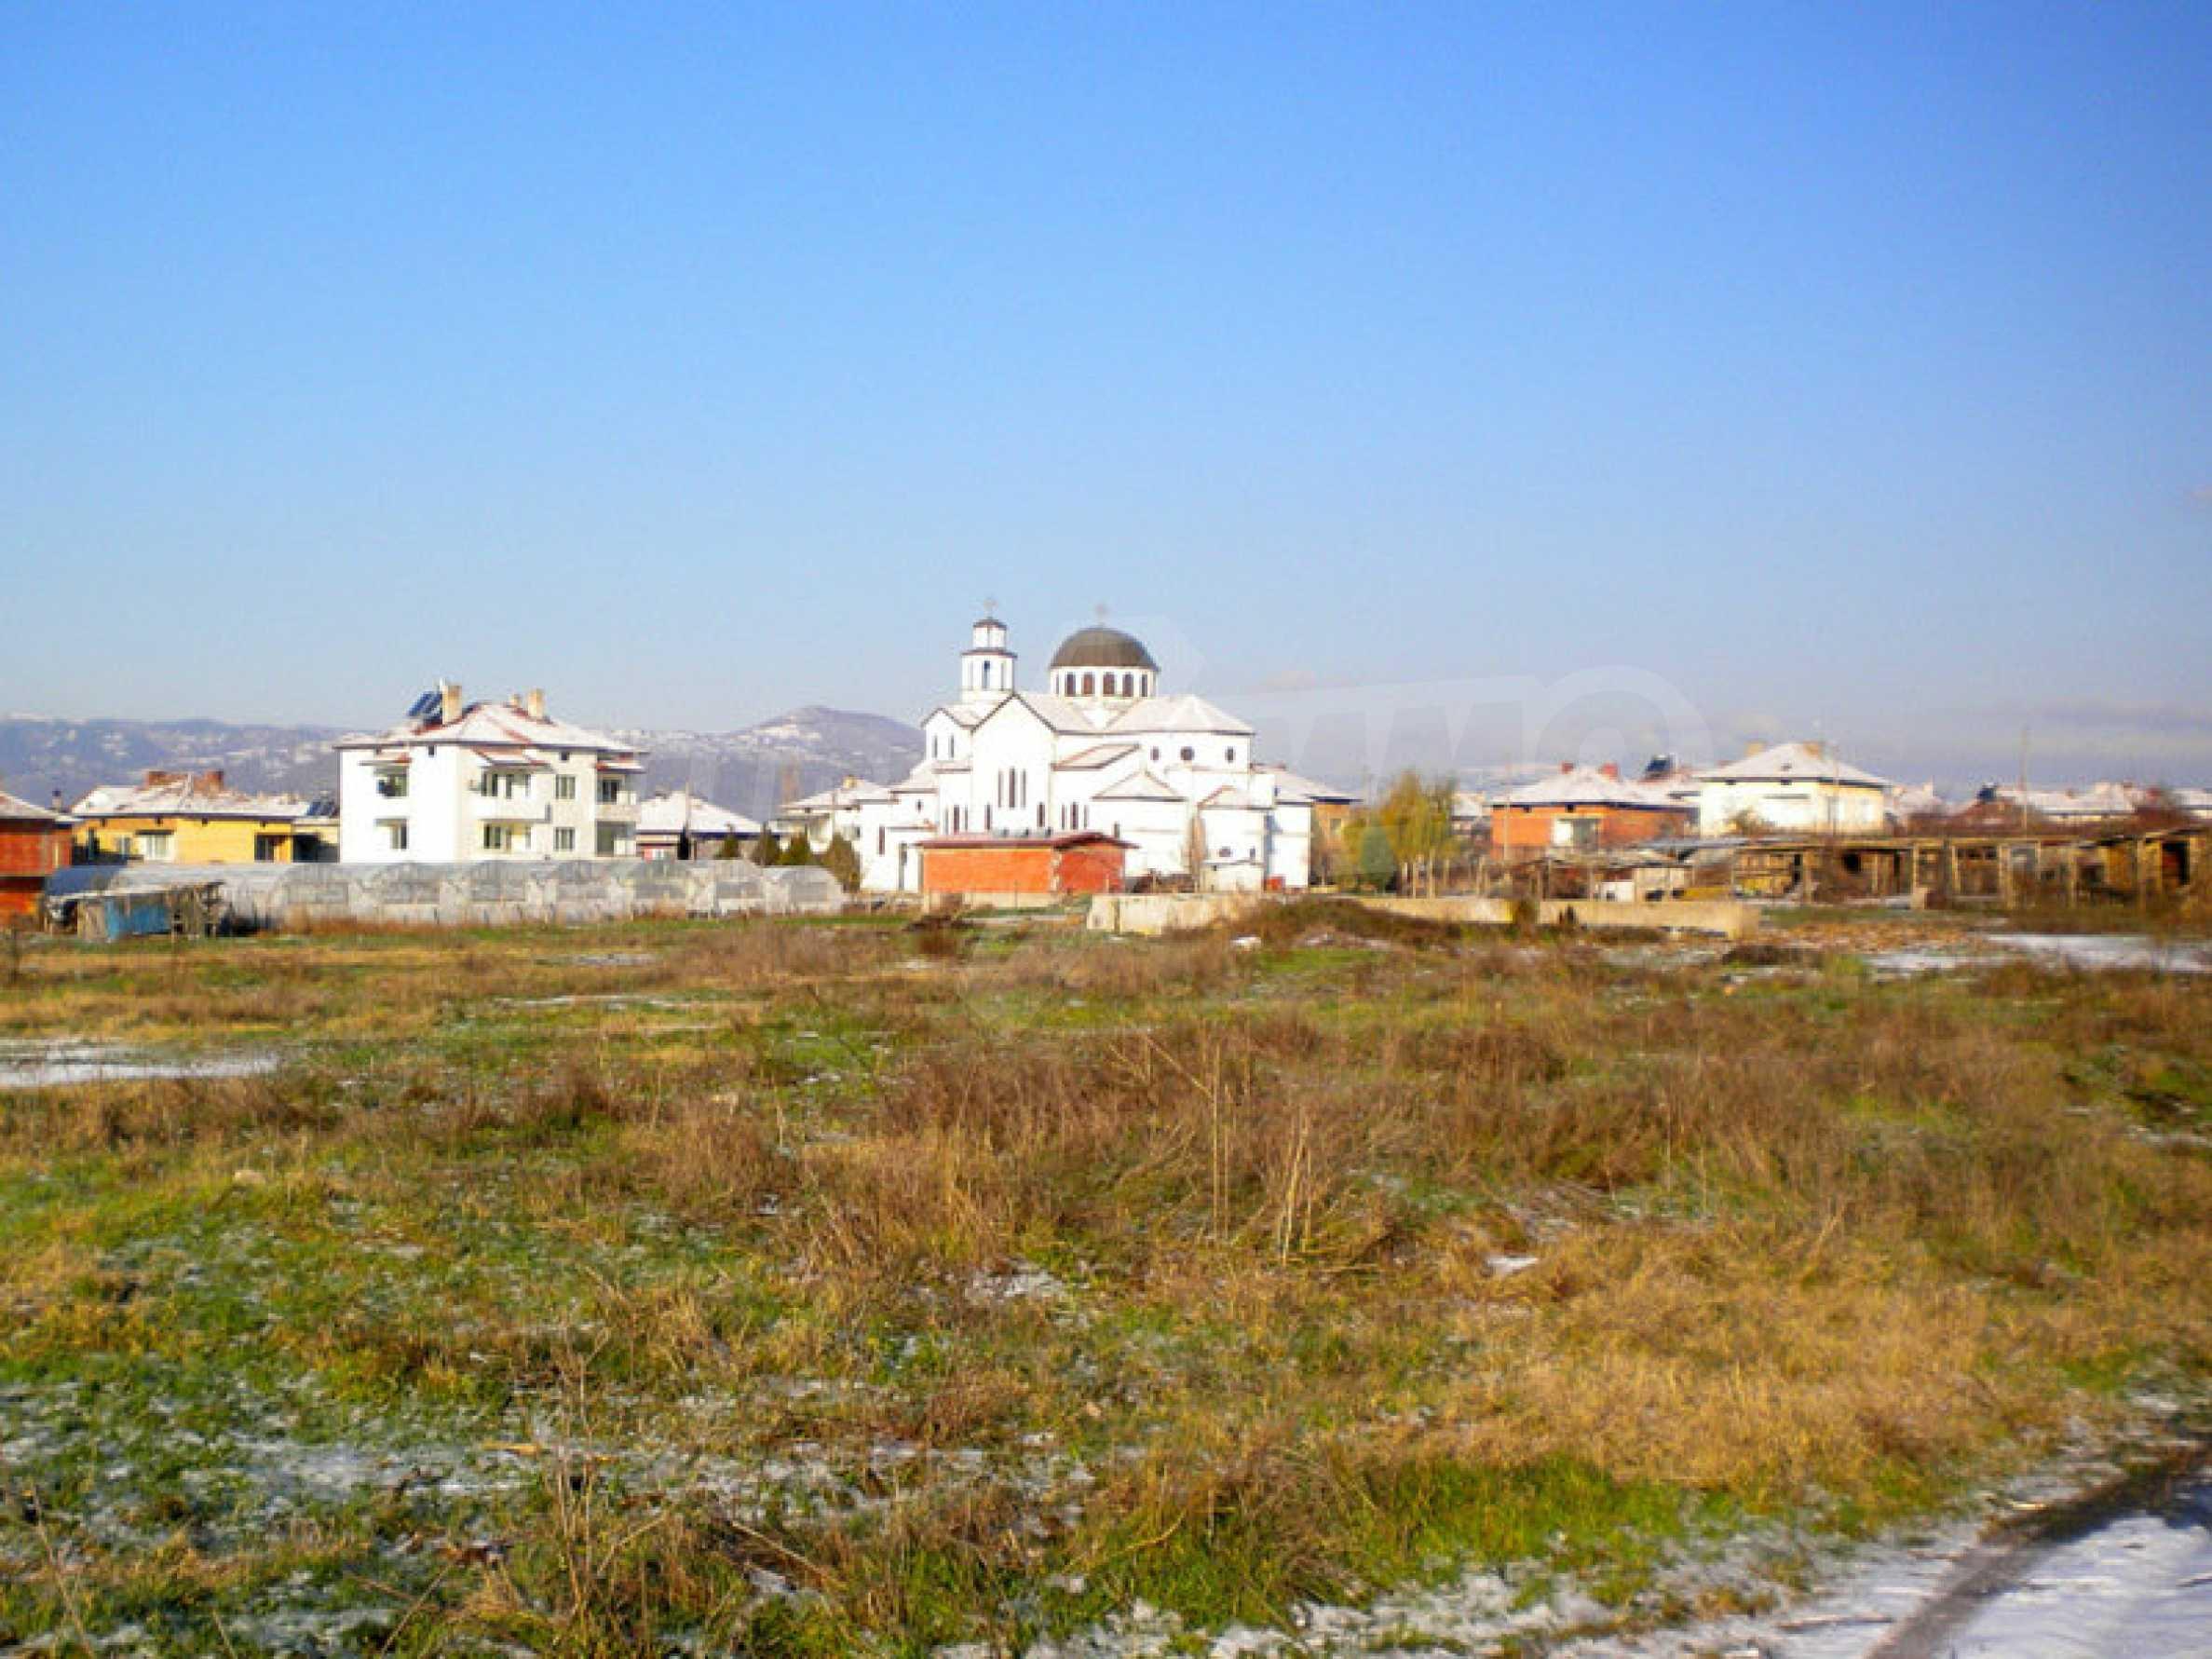 Grundstück für ein Einfamilienhaus in einem Dorf in der Nähe des Kurorts Sandanski 2